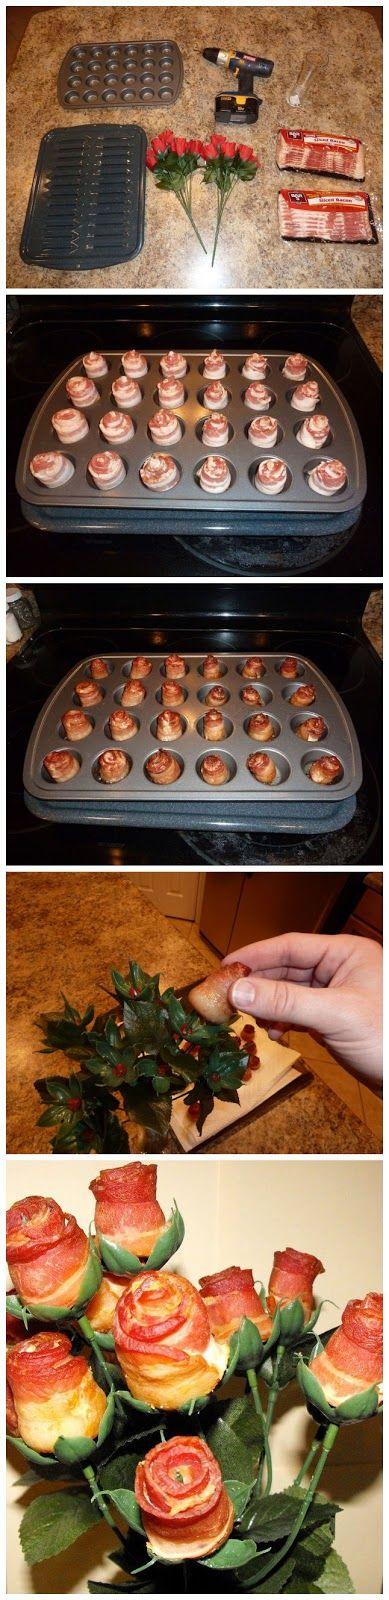 Bacon Roses - kiss recipe #recipe